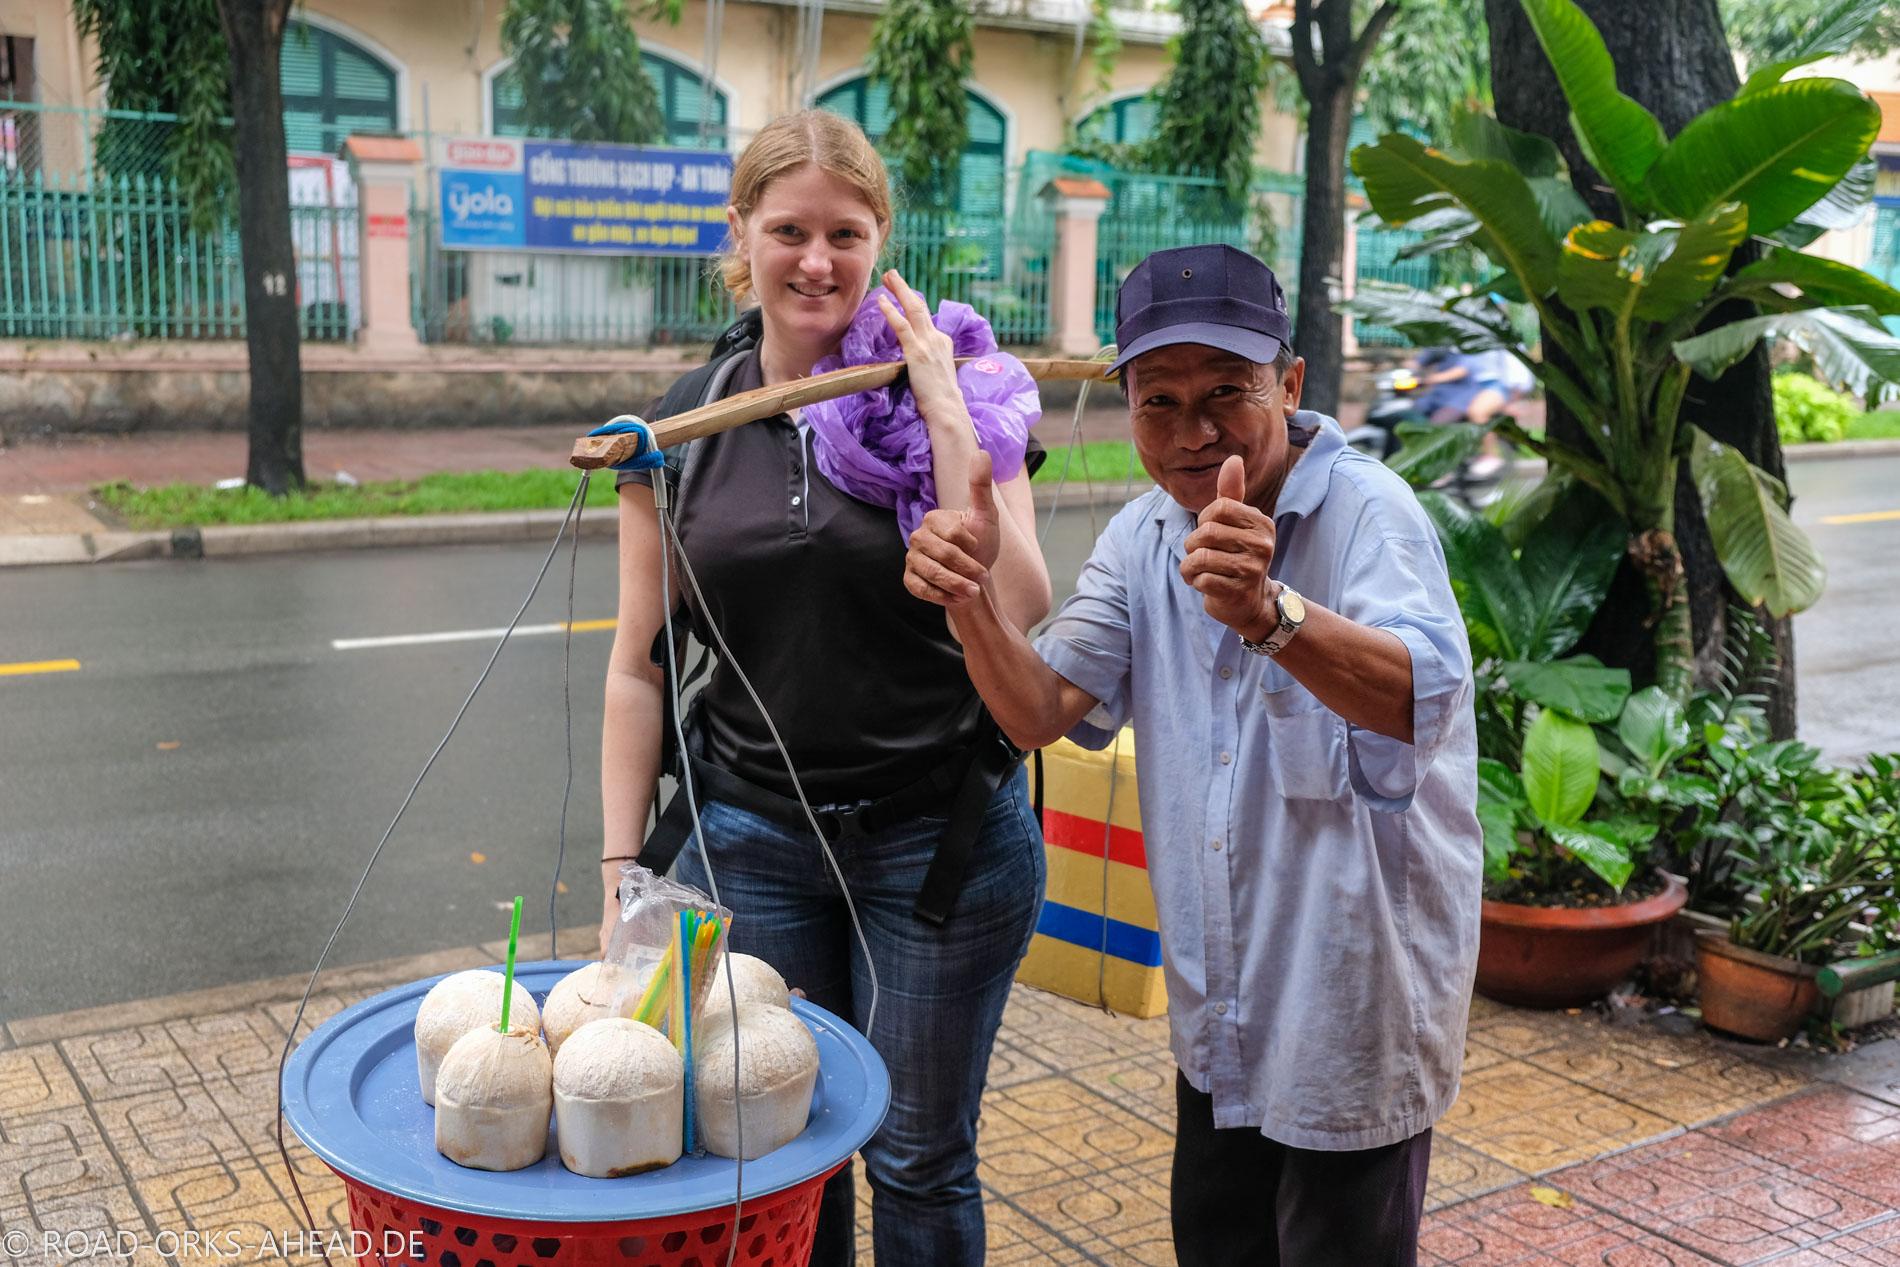 Das Bild hat eine Kokosnuss gekostet